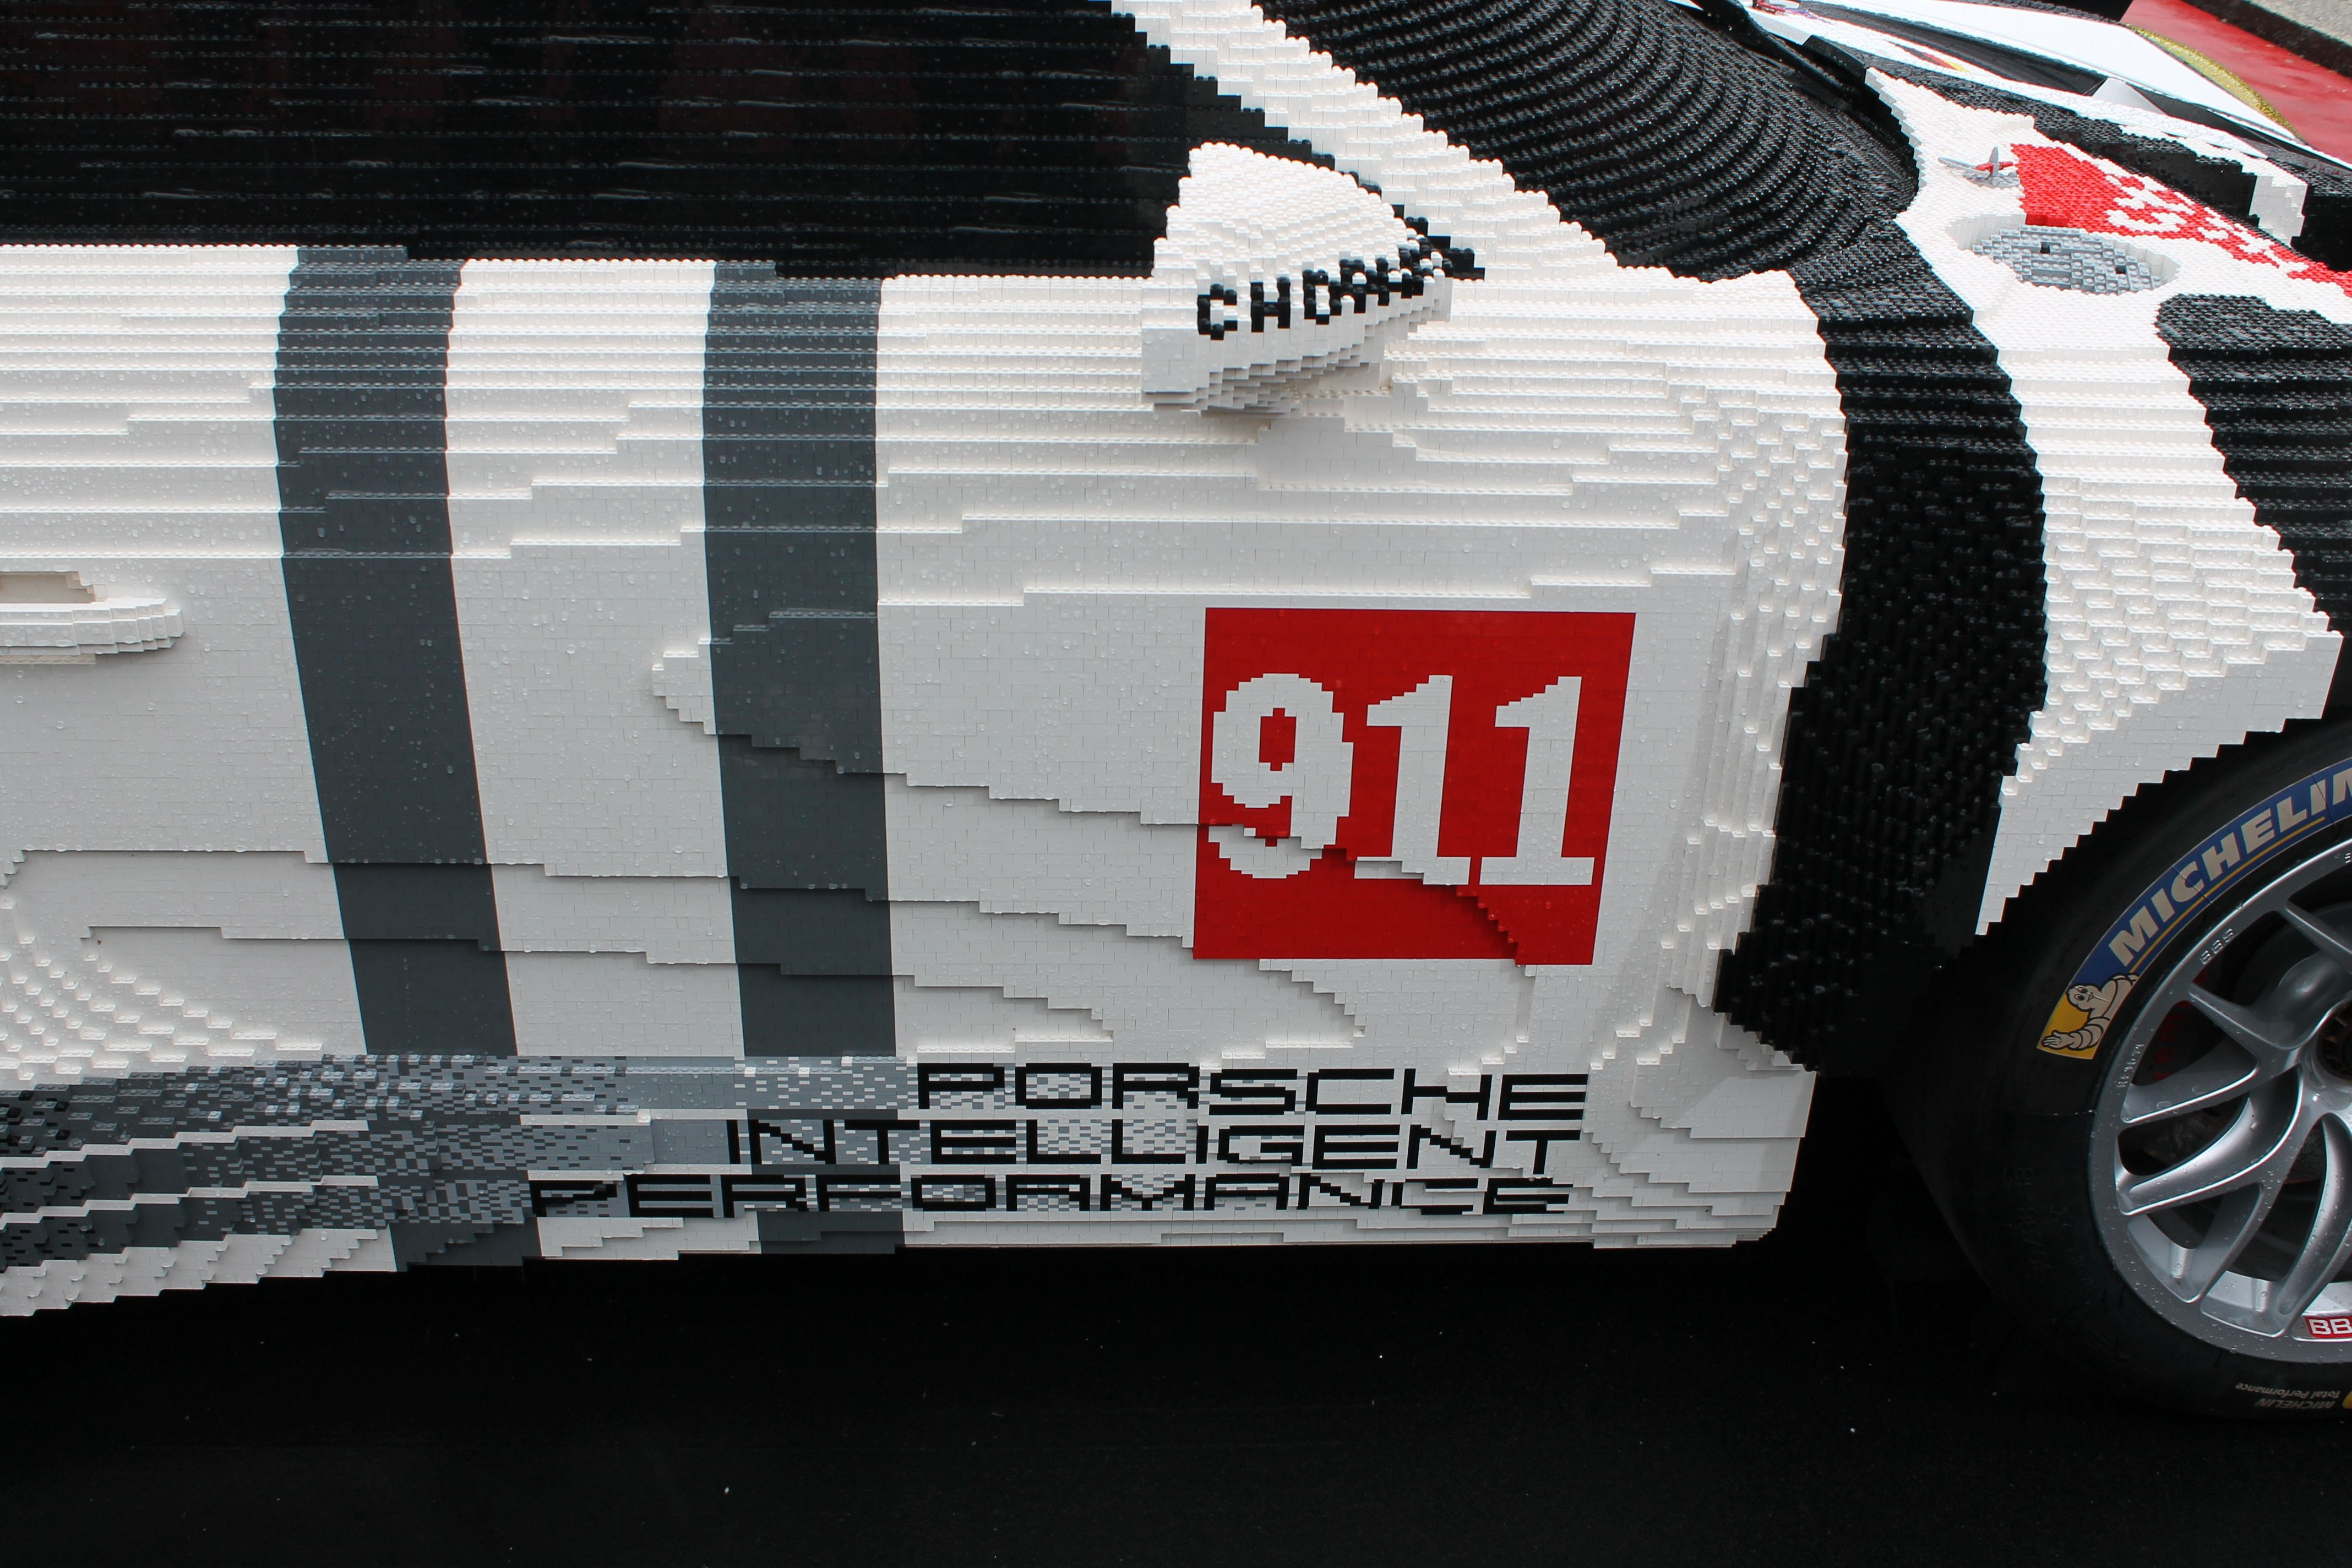 Half Of This Porsche Is Made Of Lego Bricks Porsche